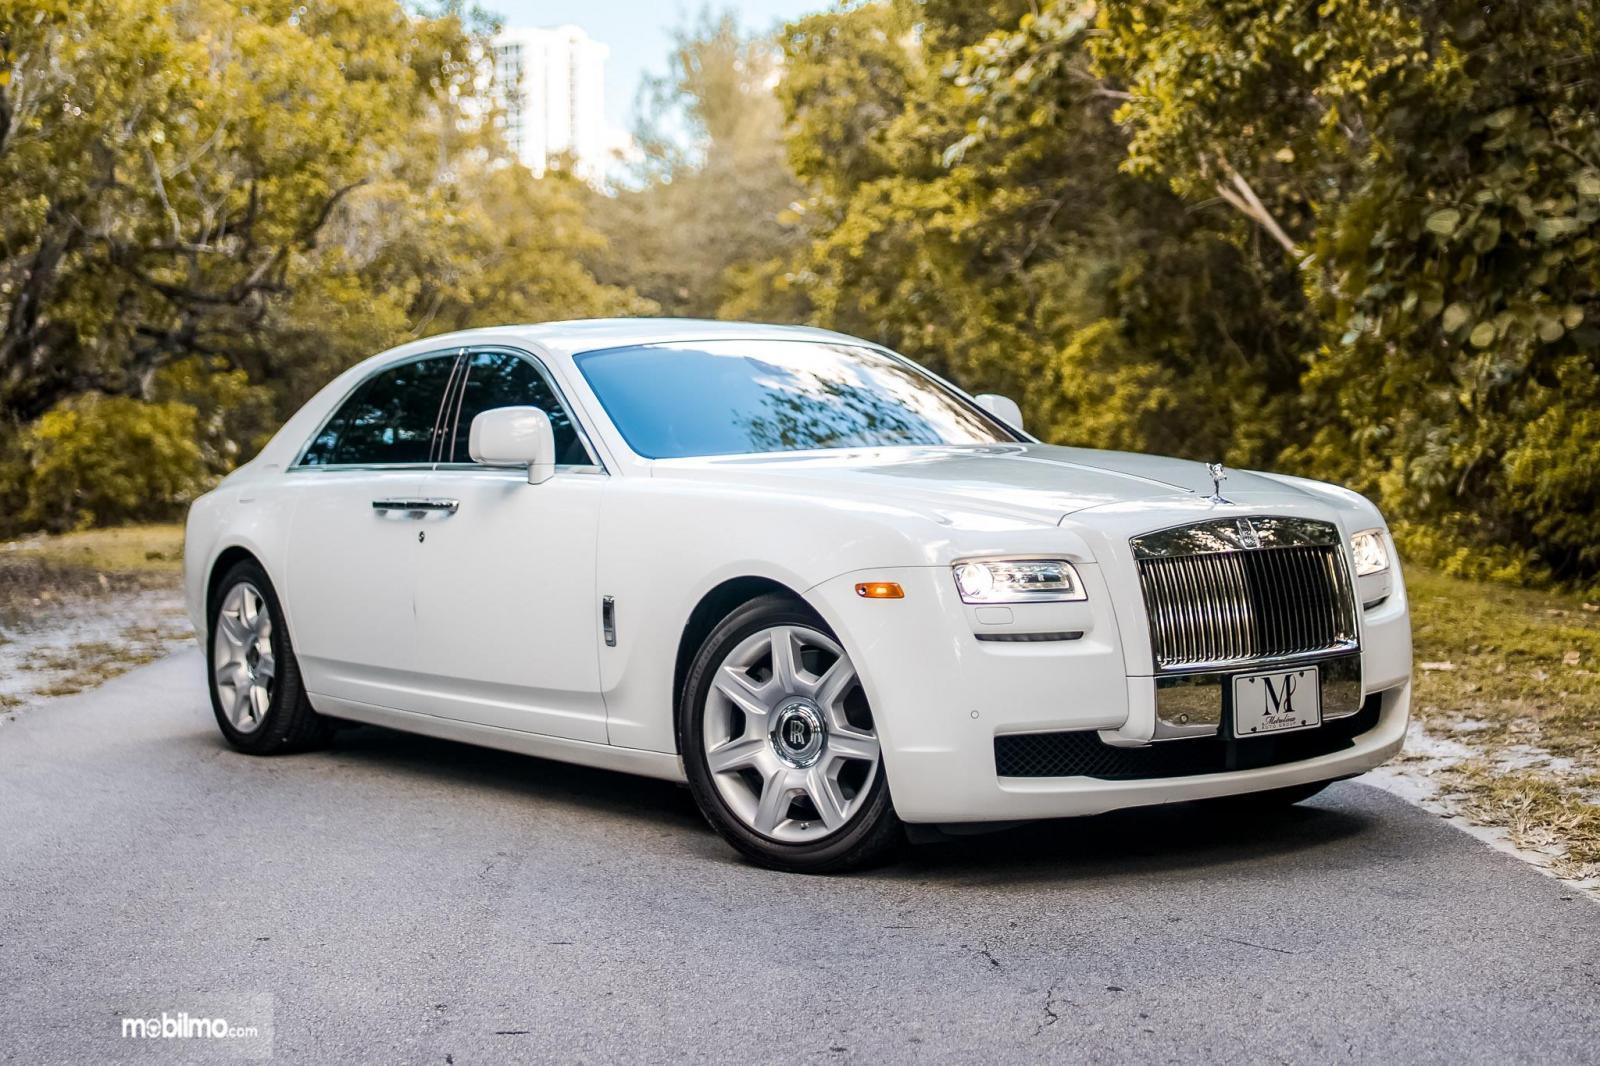 Foto mobil Rolls Royce warna putih tampak dari samping depan